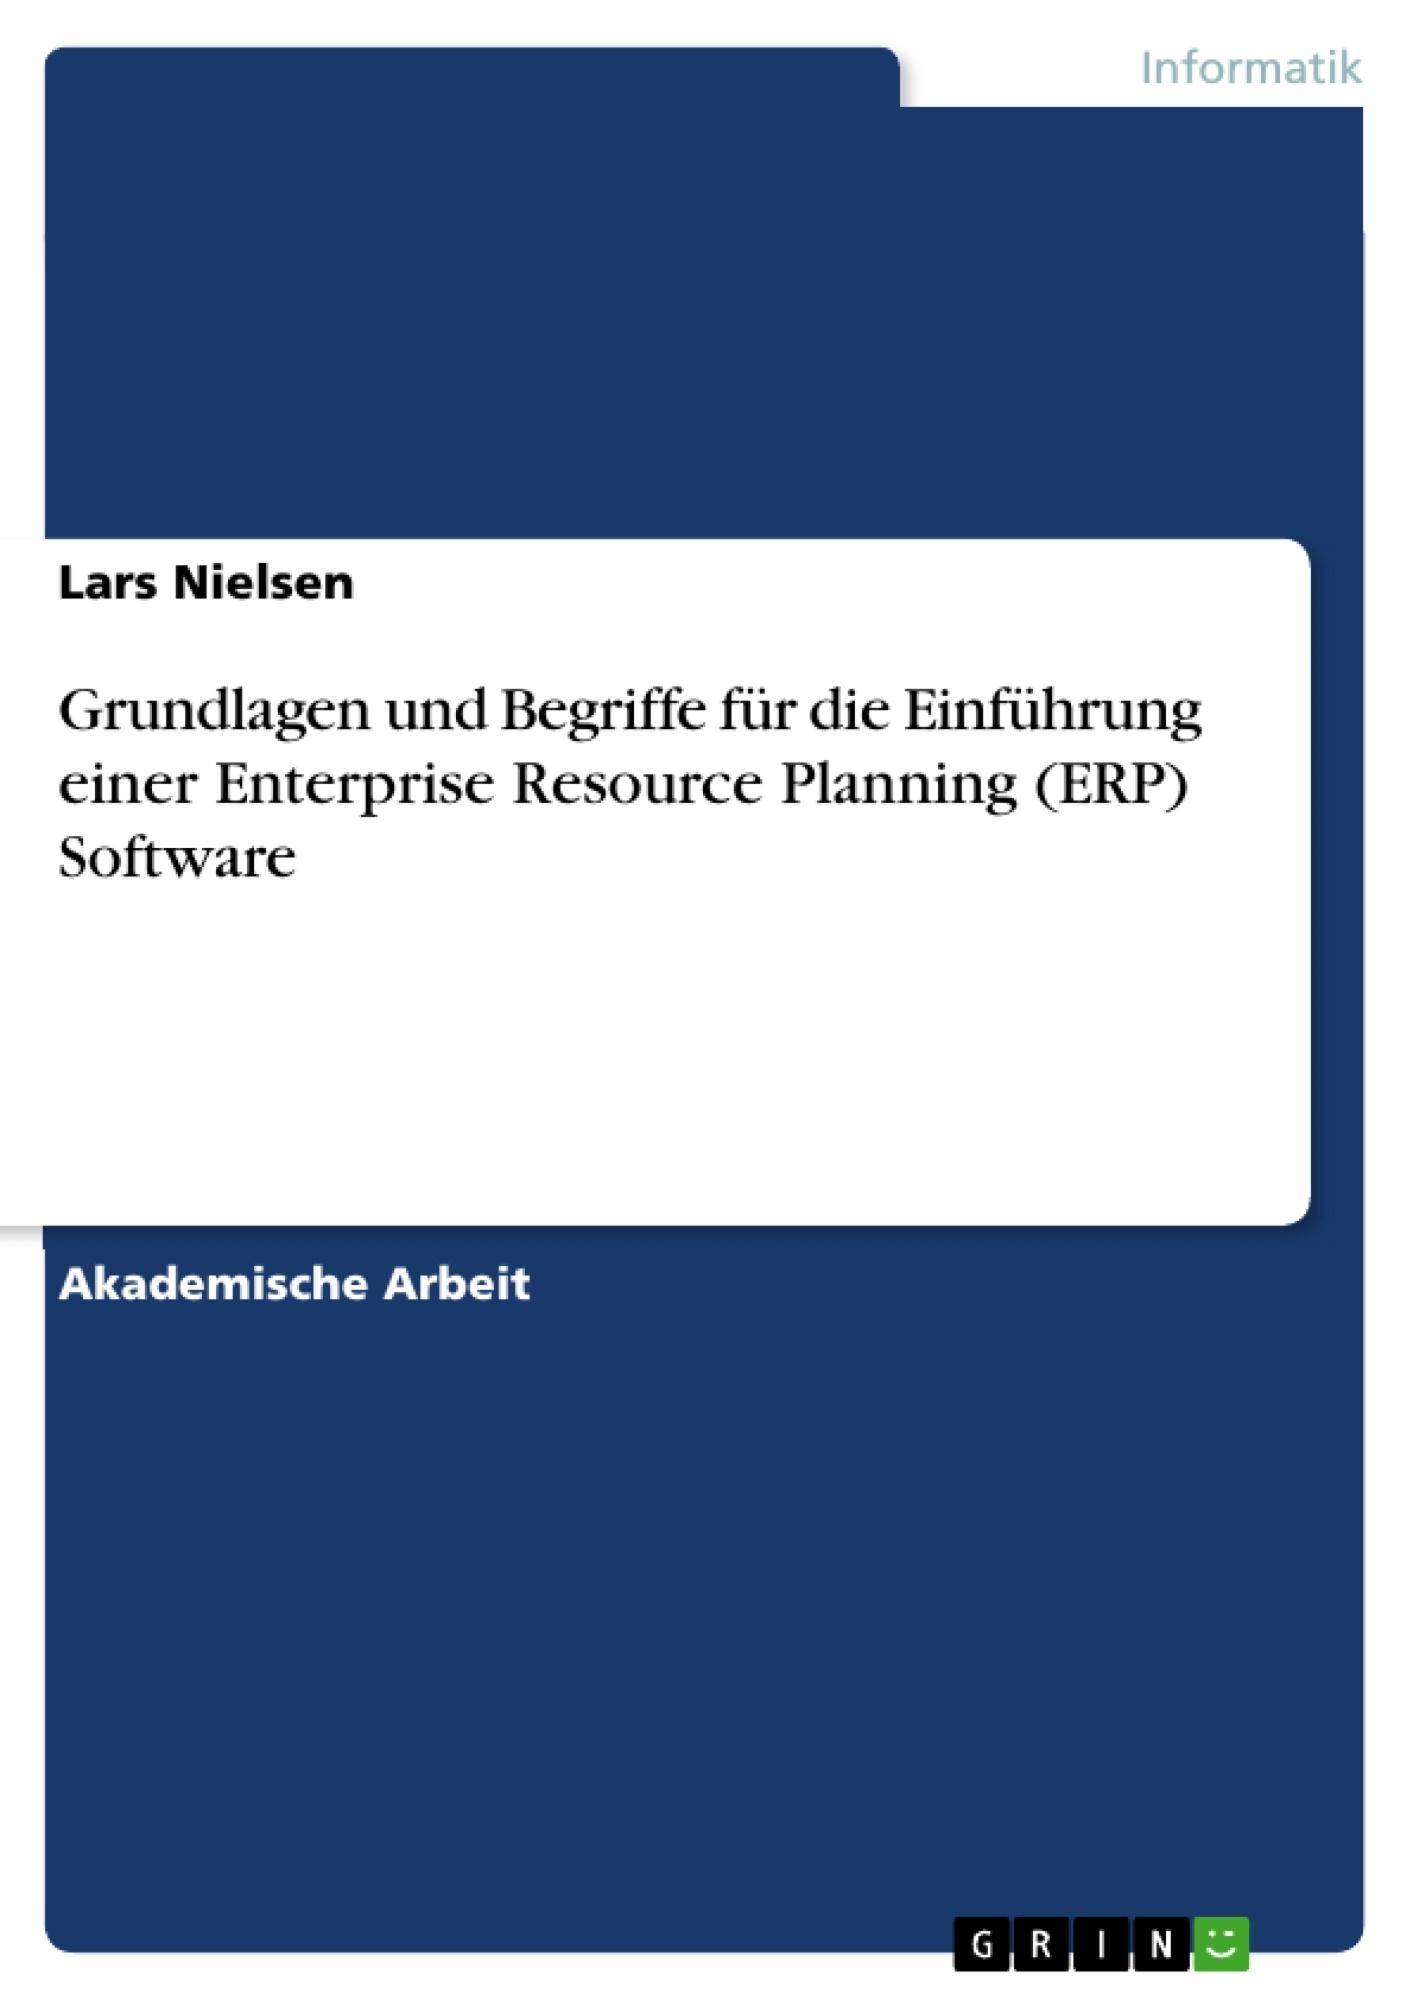 Titel: Grundlagen und Begriffe für die Einführung einer Enterprise Resource Planning (ERP) Software